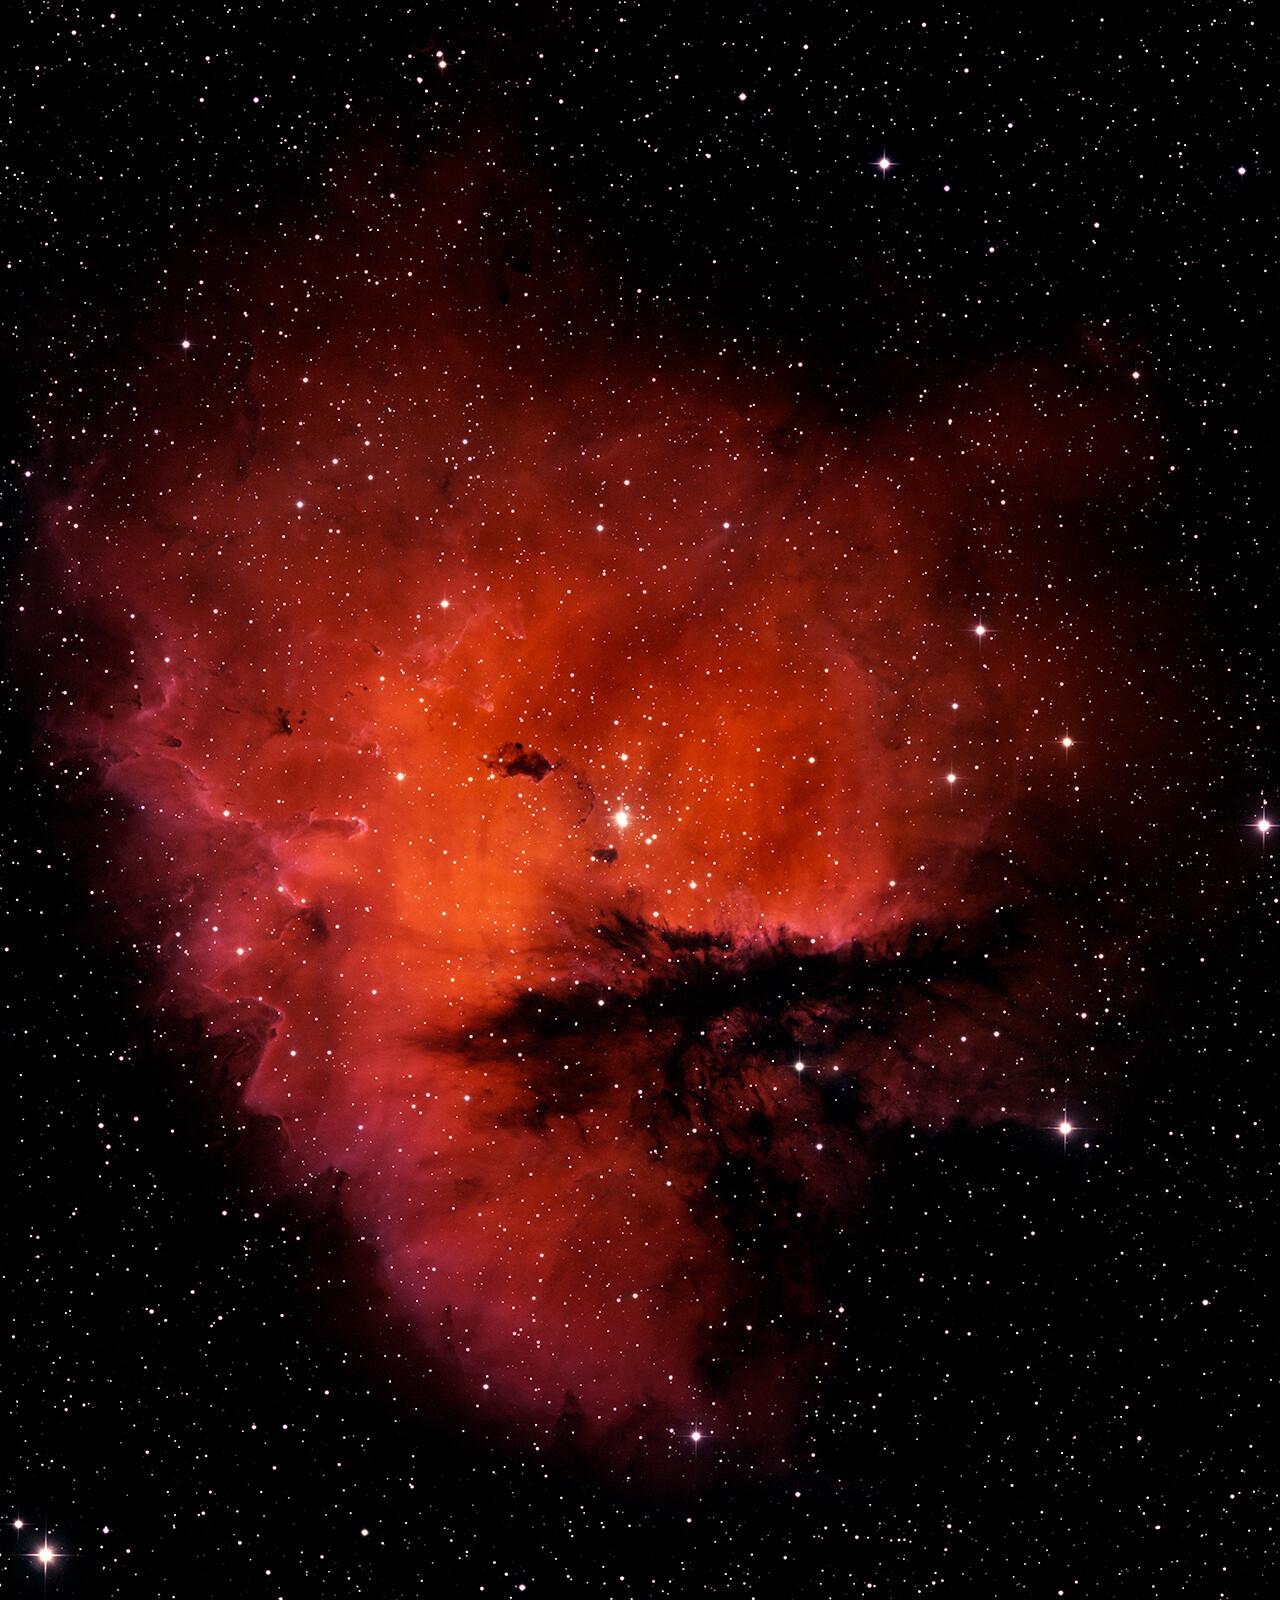 Cassiopeia (NASA/JPL - Caltech) - Hubble Telescope